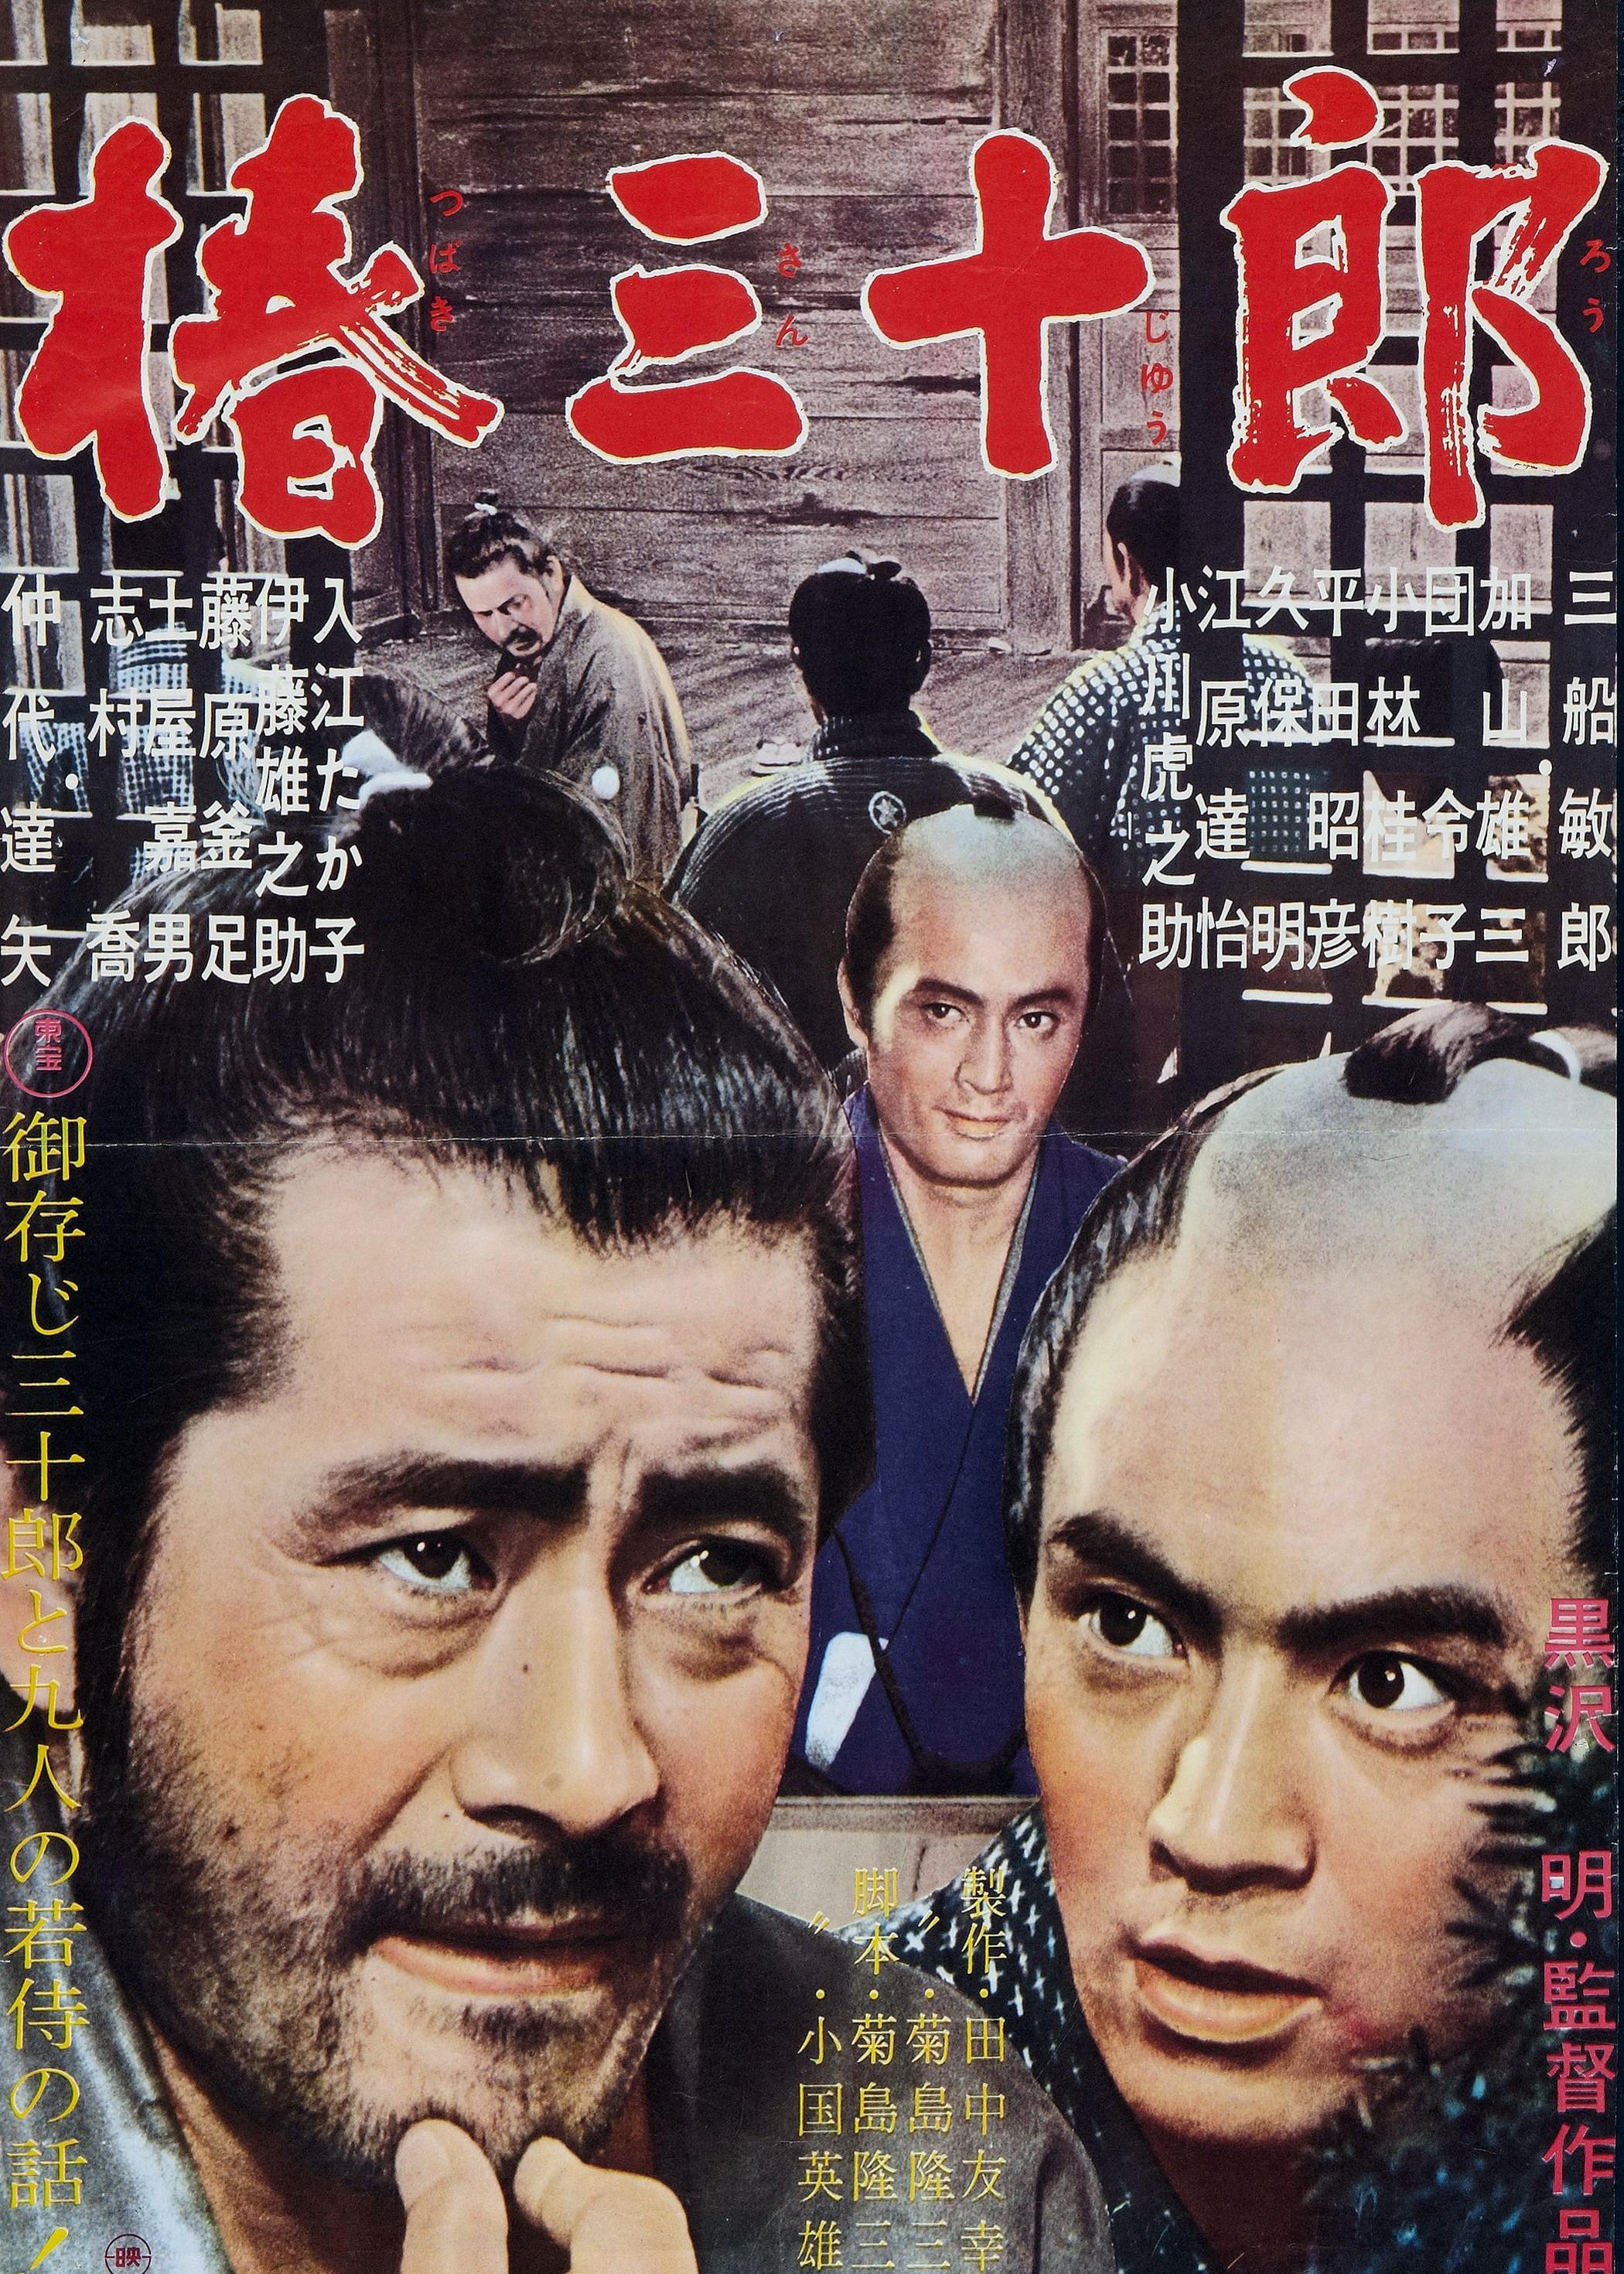 『椿三十郎』ポスター「御存じ三十郎と・・・」